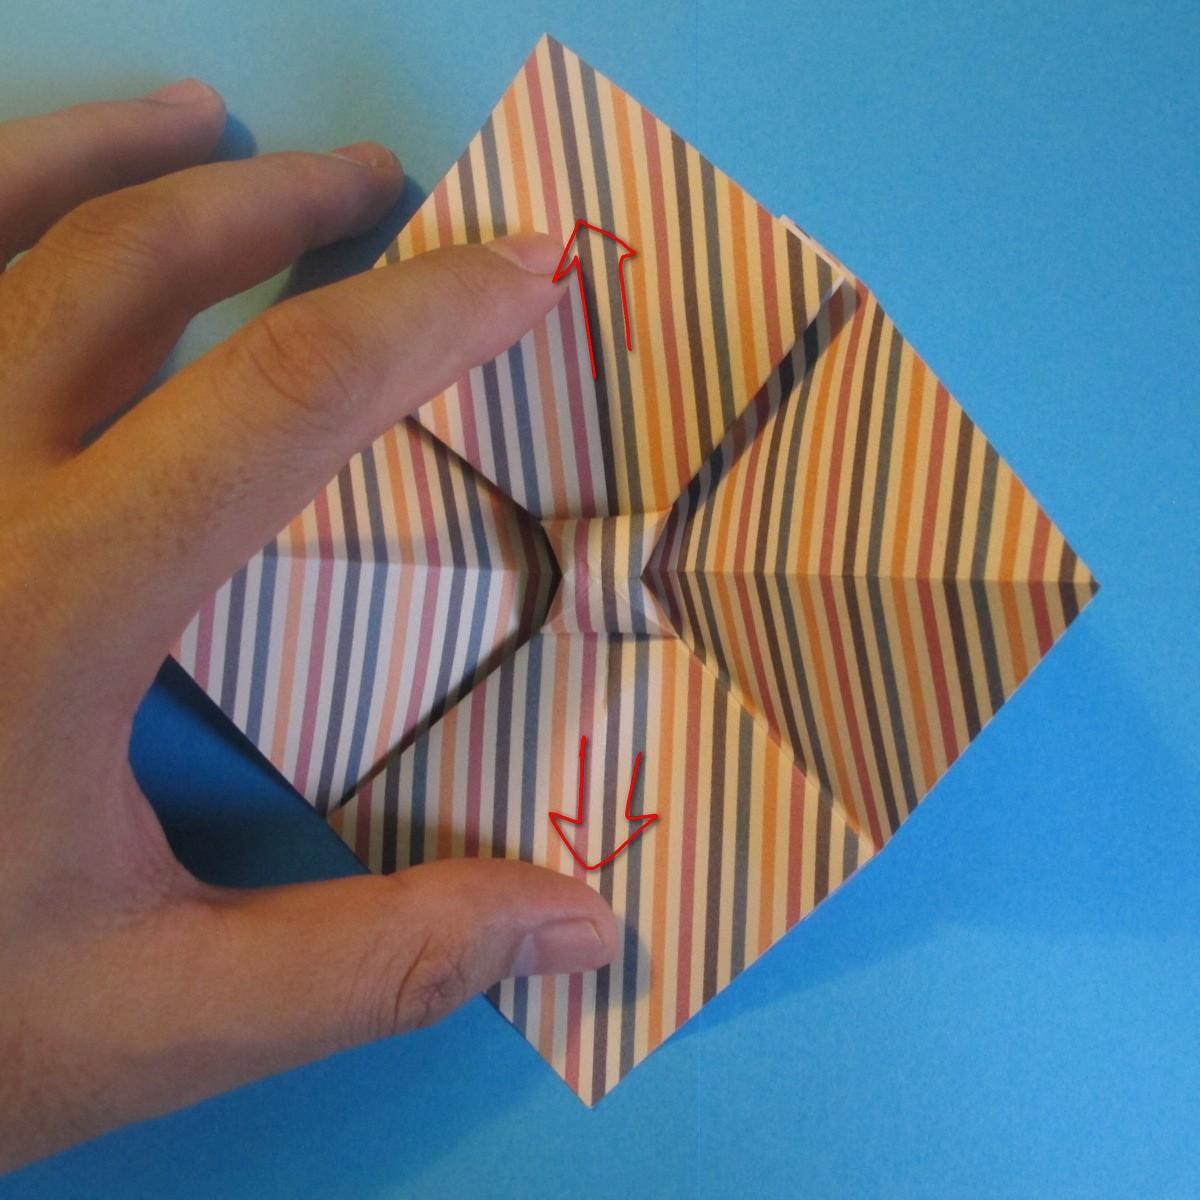 วิธีการพับกระดาษเป็นโบว์หูกระต่าย 014